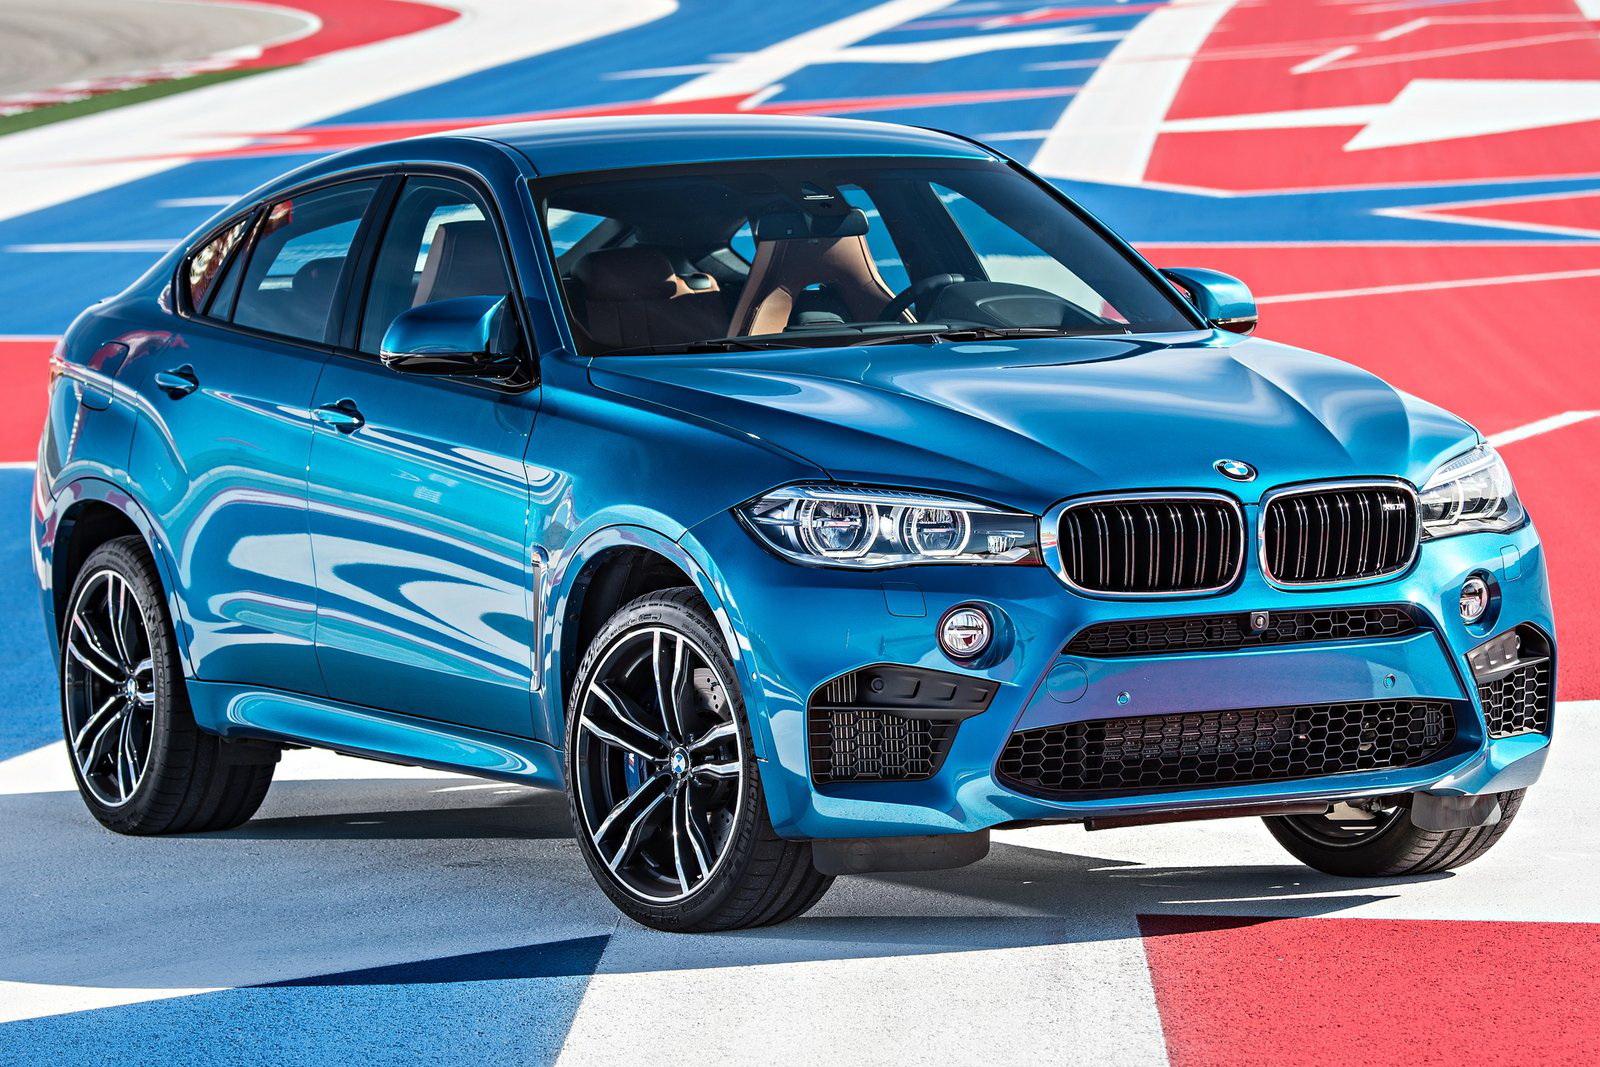 2017-BMW-X6-05